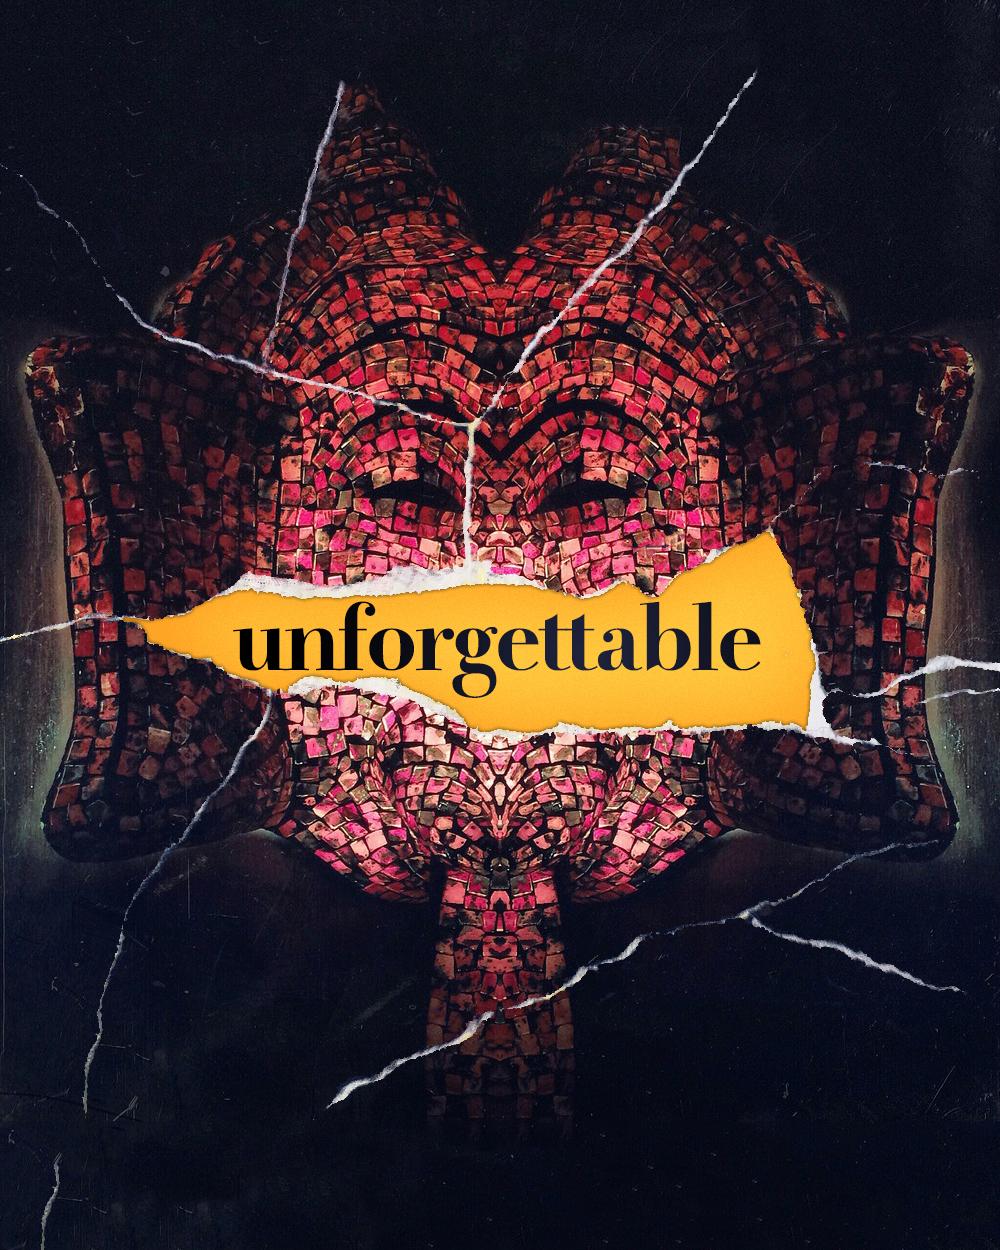 unforgettable.jpg